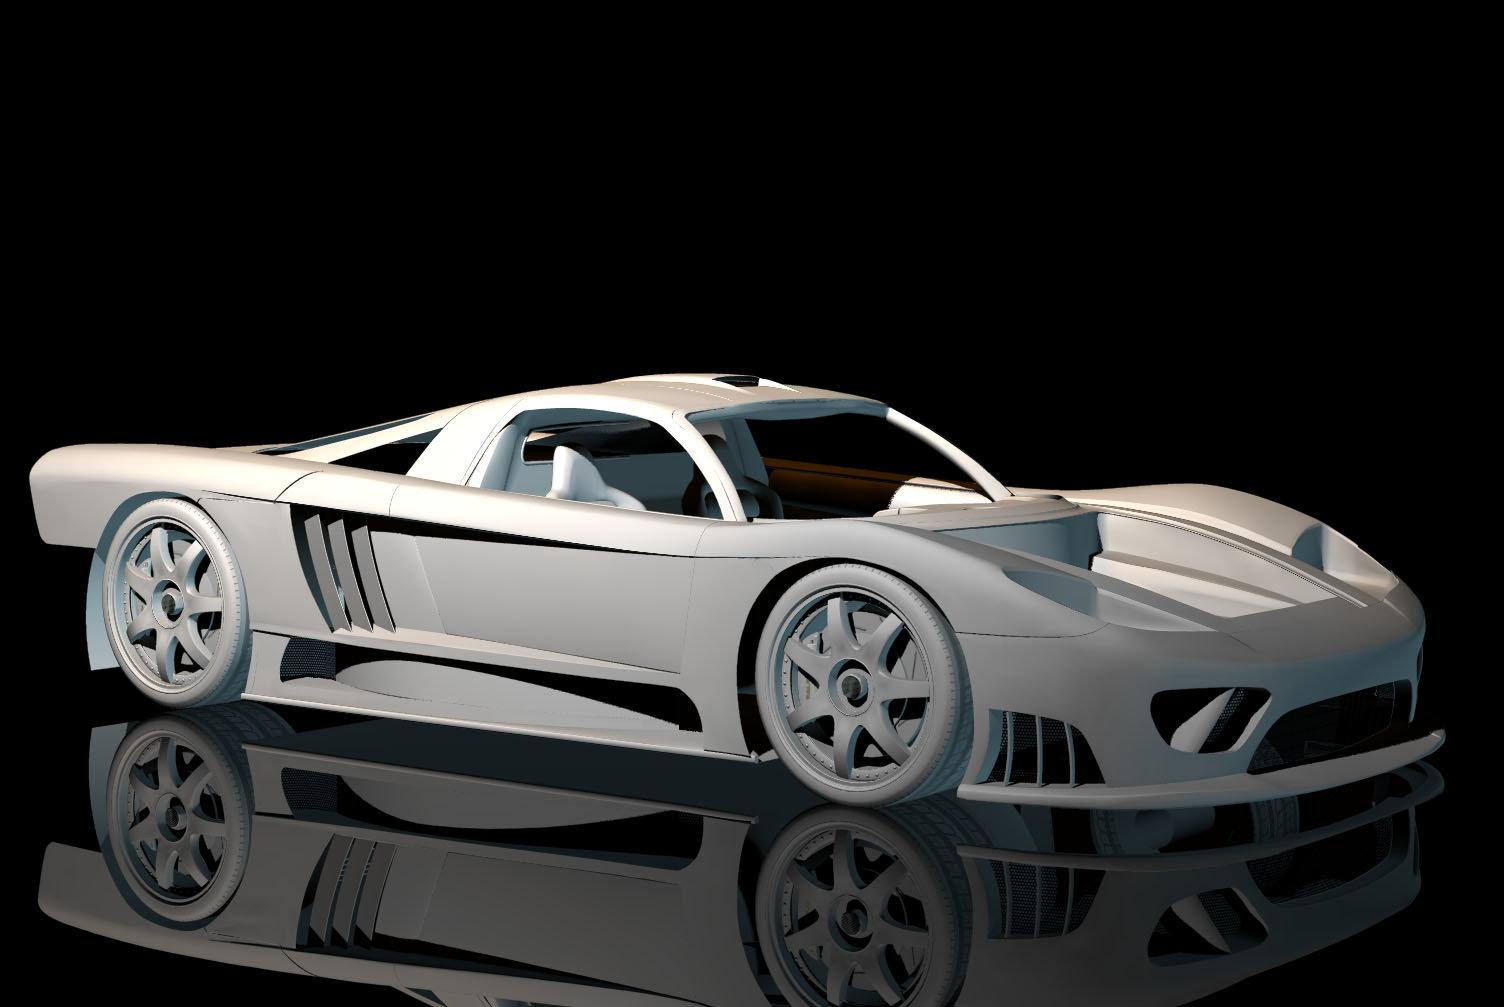 Saloon S7 in ever evolving progress